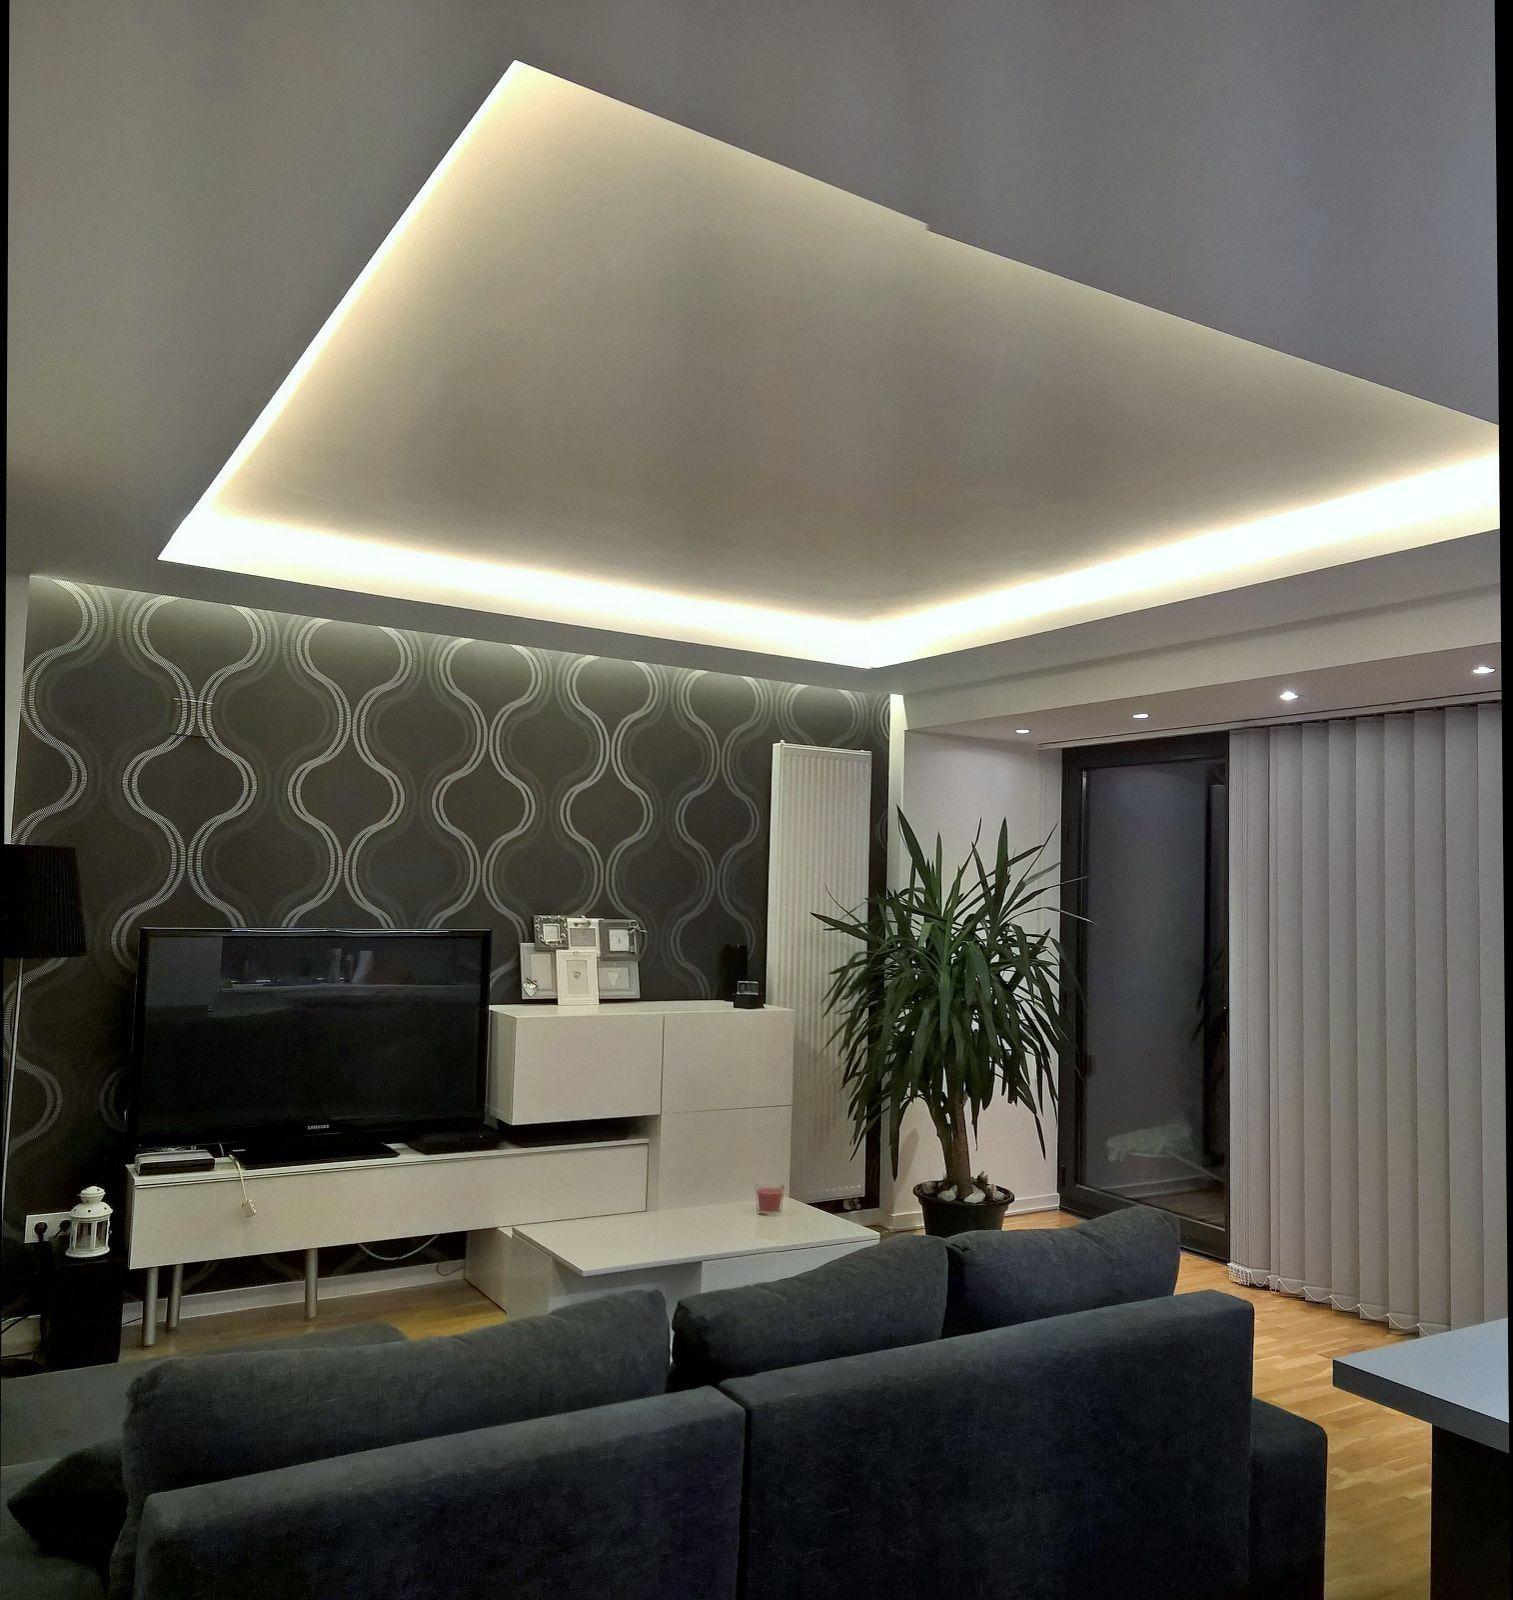 Sal n iluminado con foseados de pladur con tiras de leds y dicroicas led empotradas techo - Lamparas para salones ...